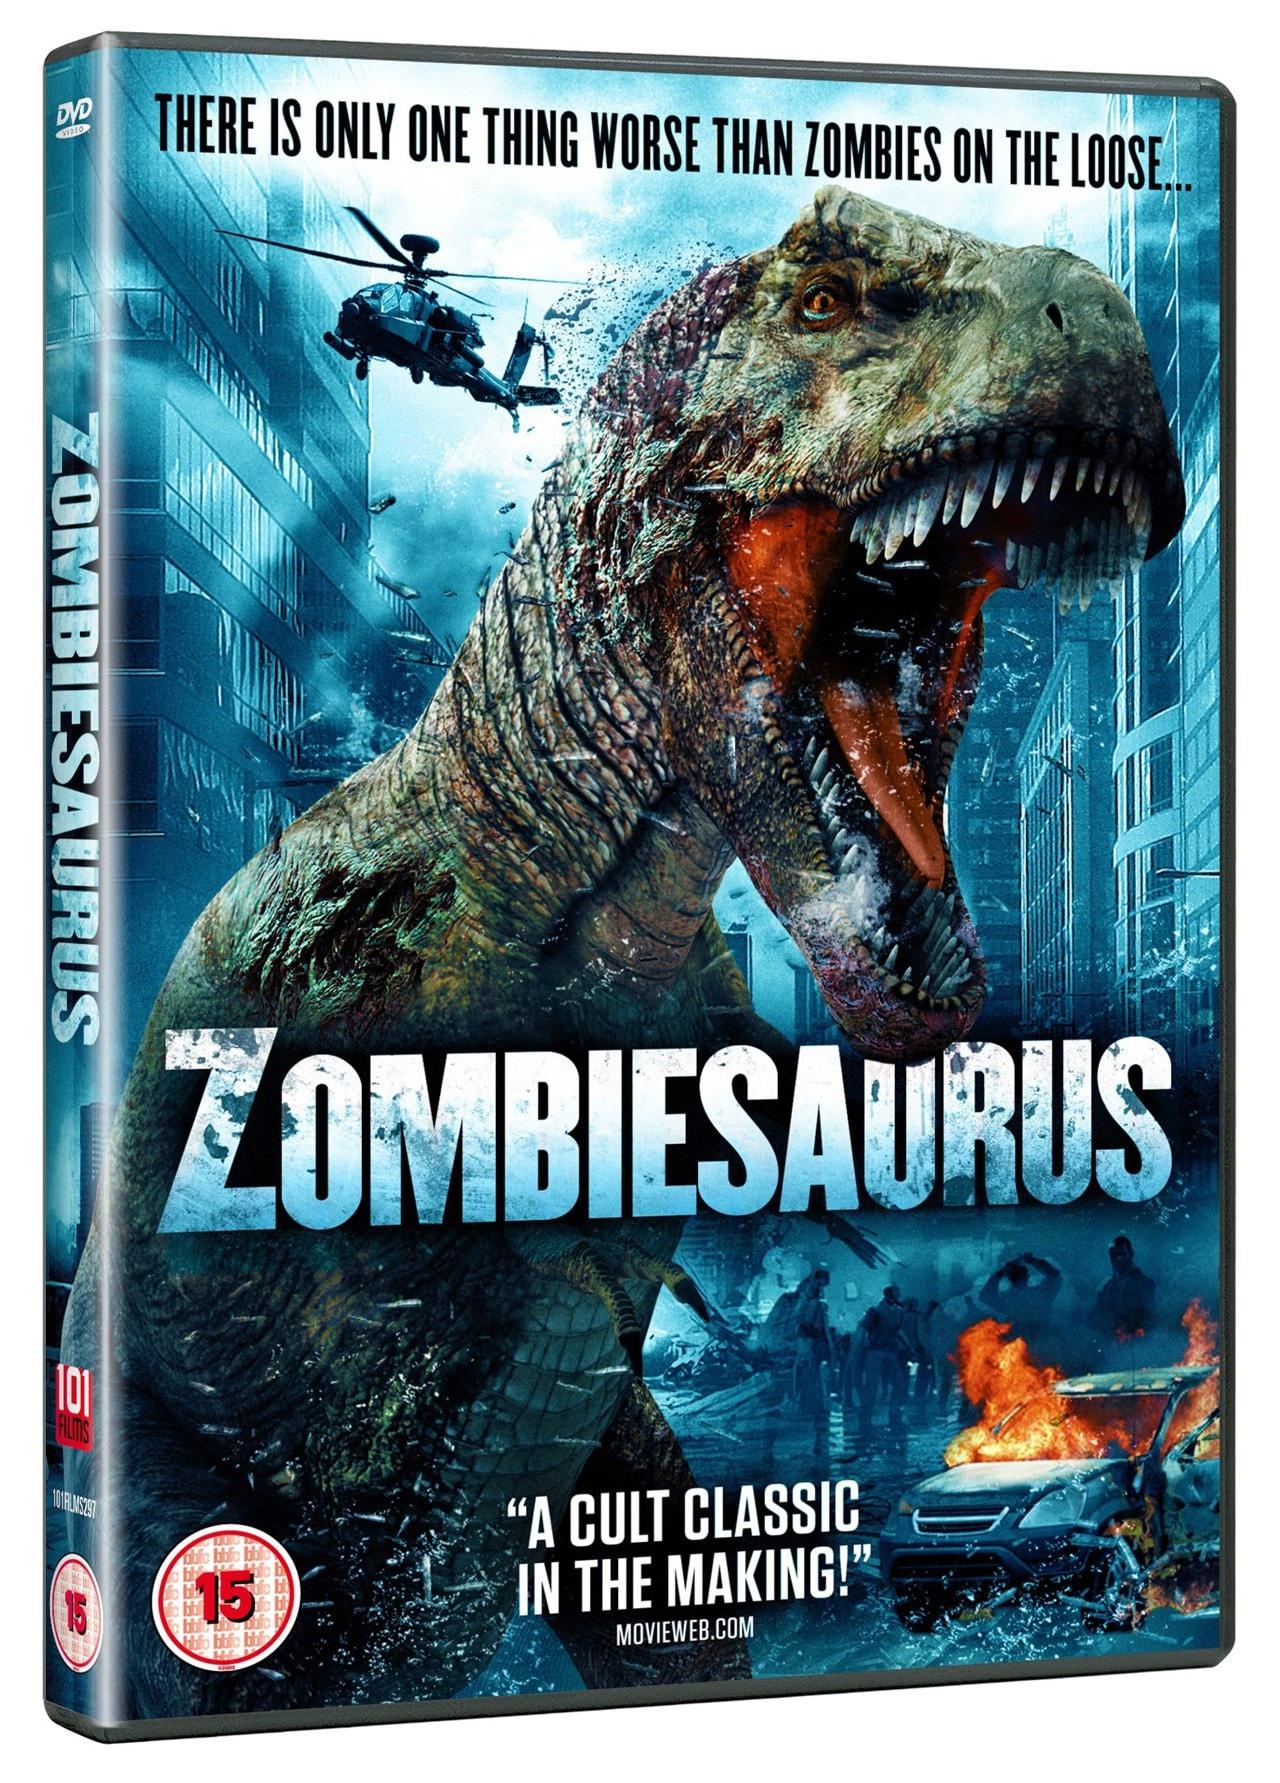 Zombiesaurus - 2